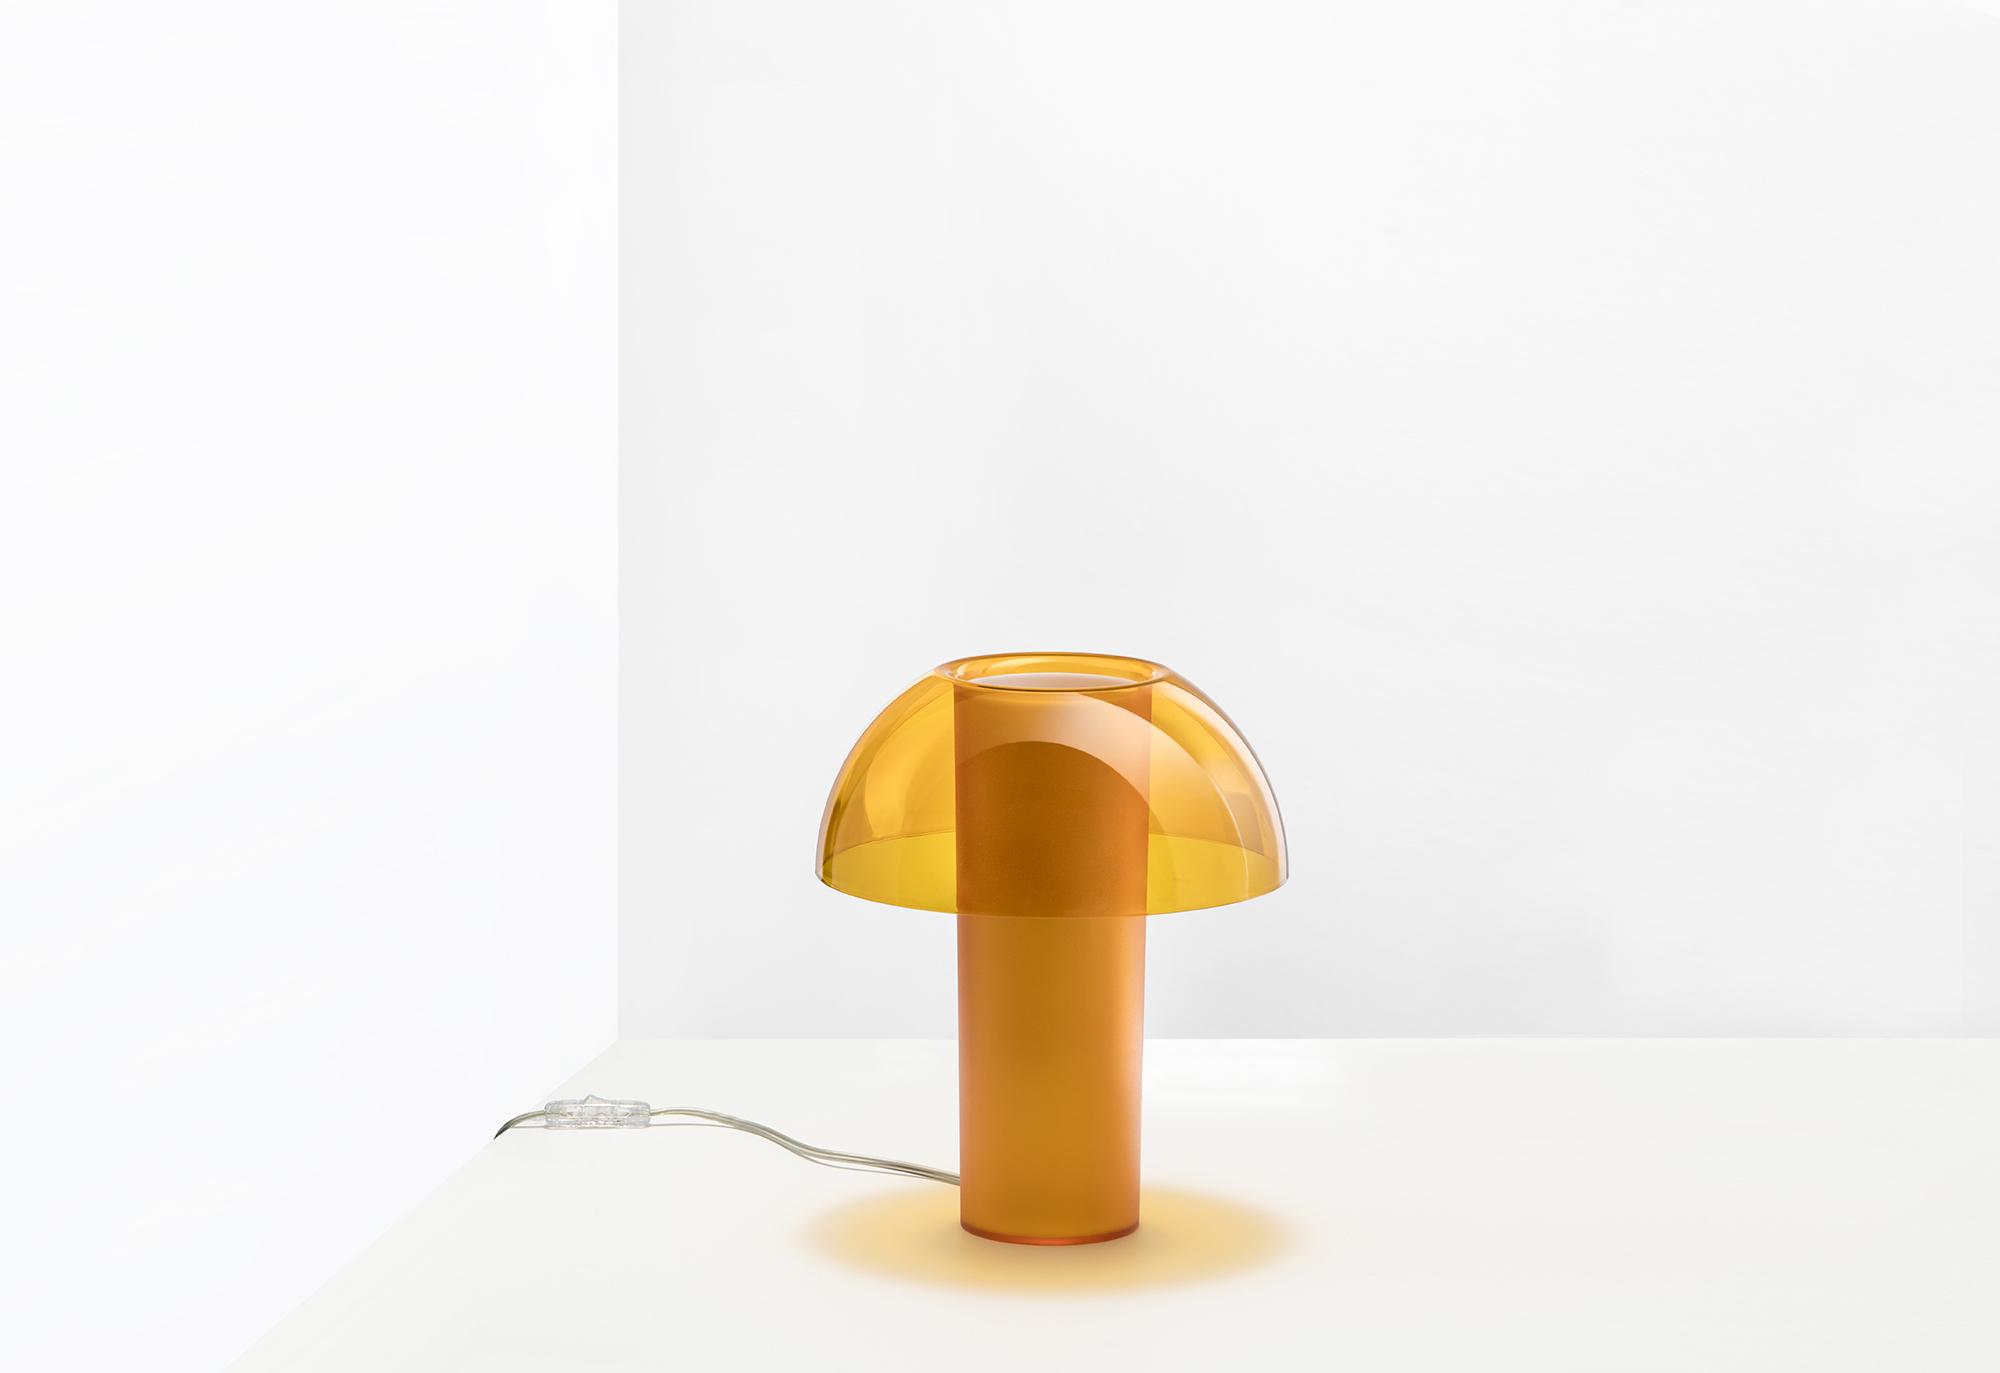 Colette maza izmēra nakts lampa